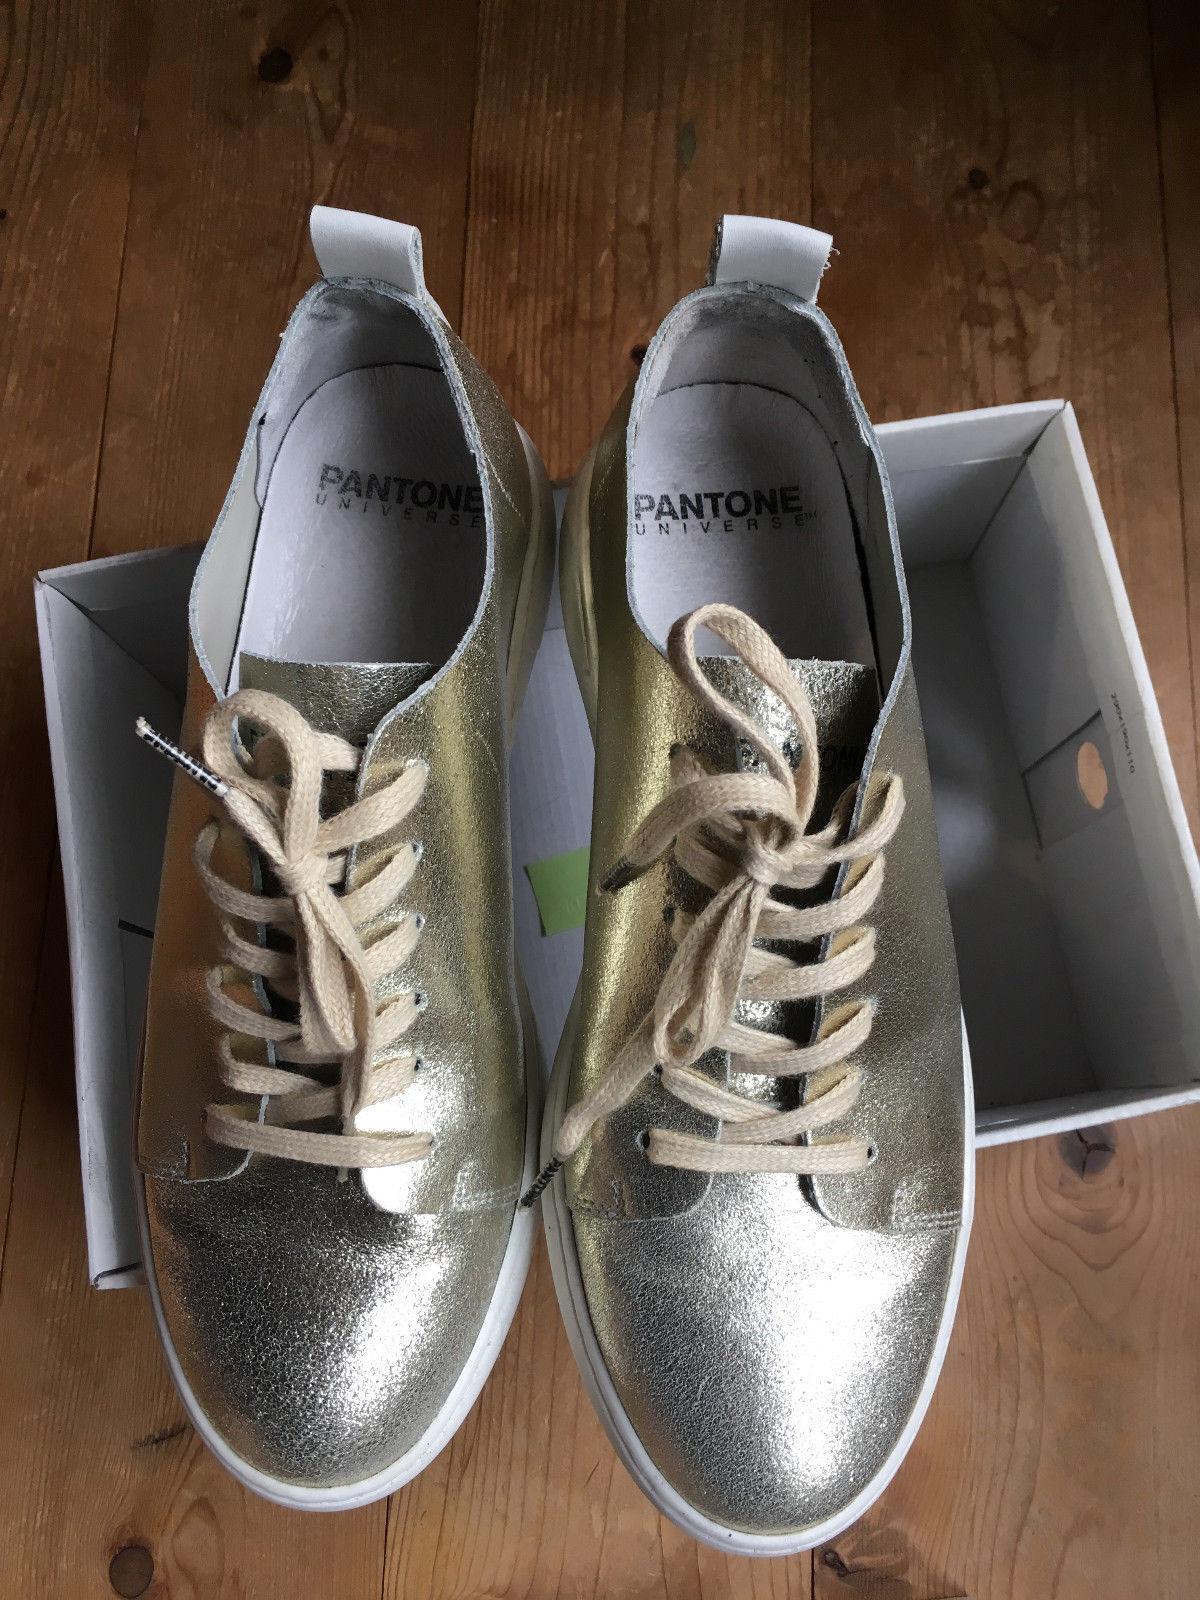 zapatilla zapatilla zapatilla de deporte loafers de Pantone Universe-Pale oro 40 cuero VP 150 euros 2a044f